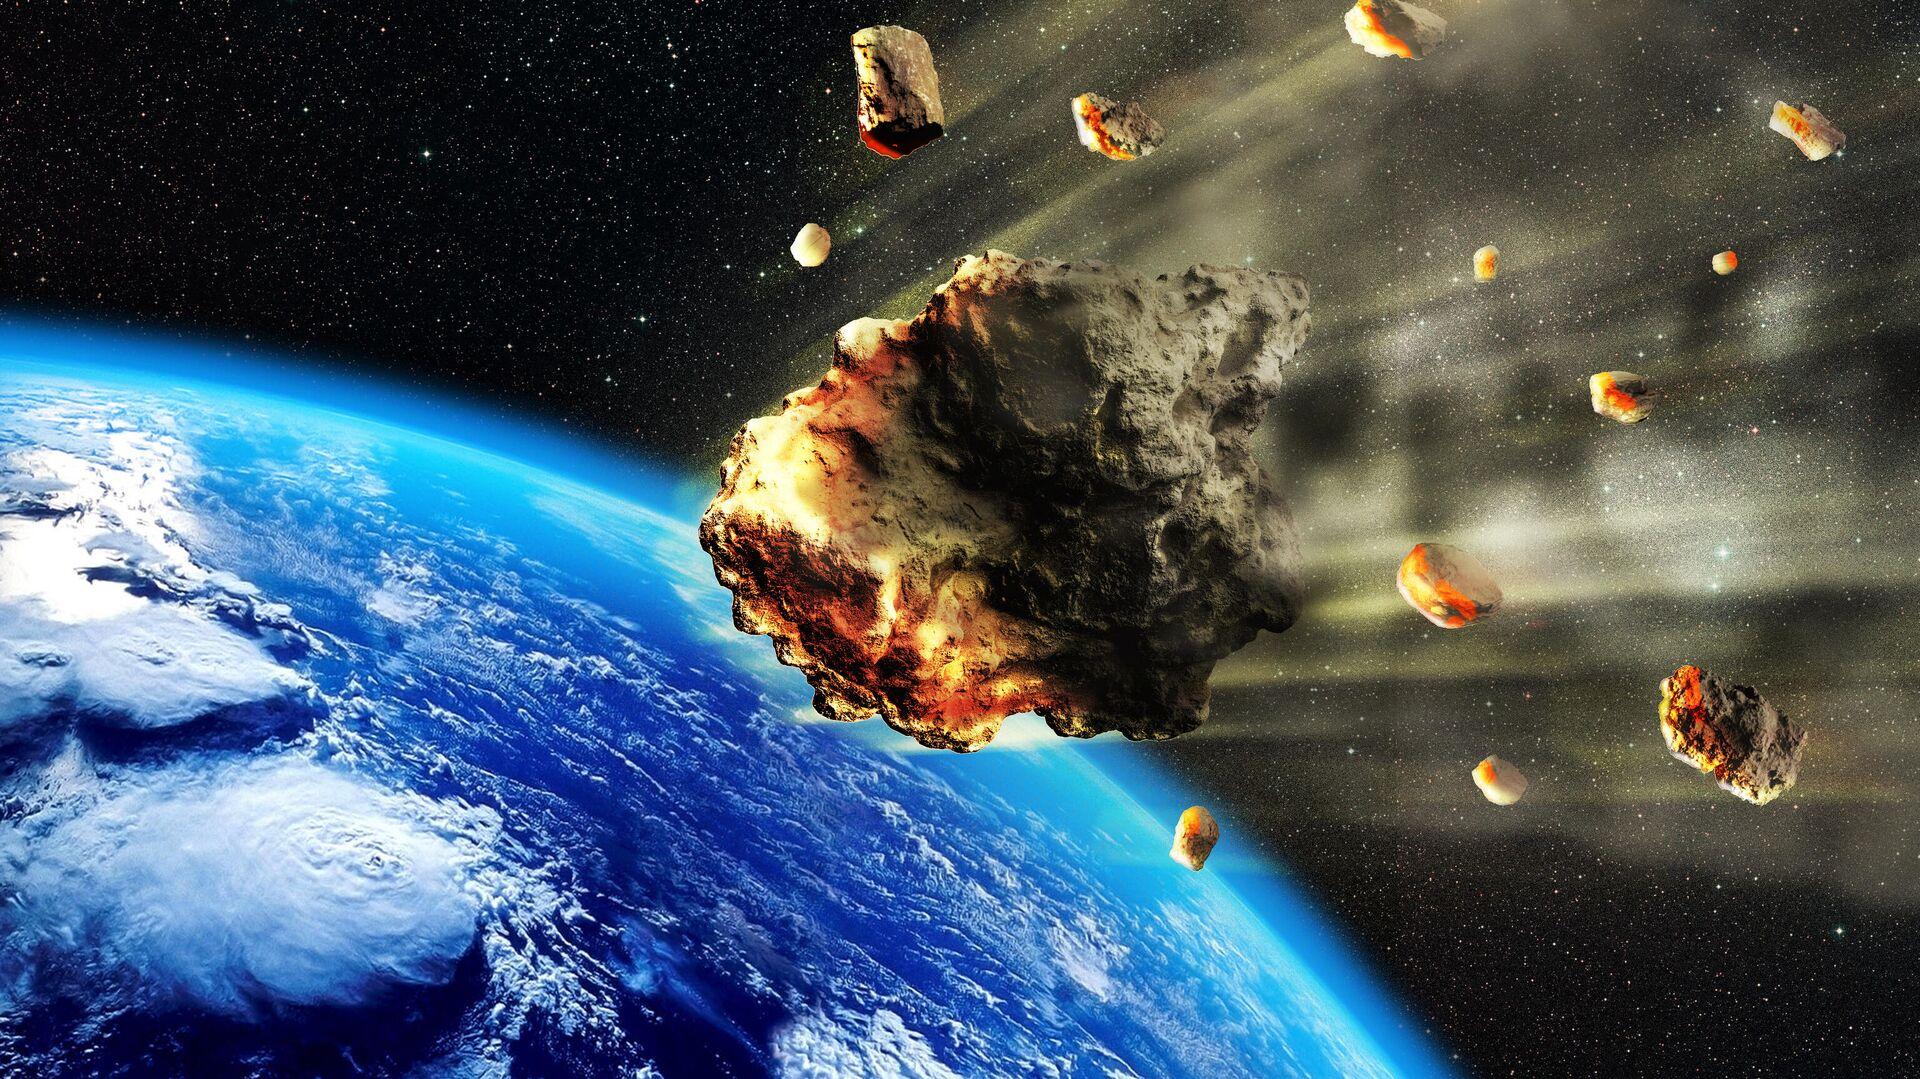 Всюду жизнь. Найдены метеориты со следами инопланетной органики - РИА  Новости, 16.12.2020